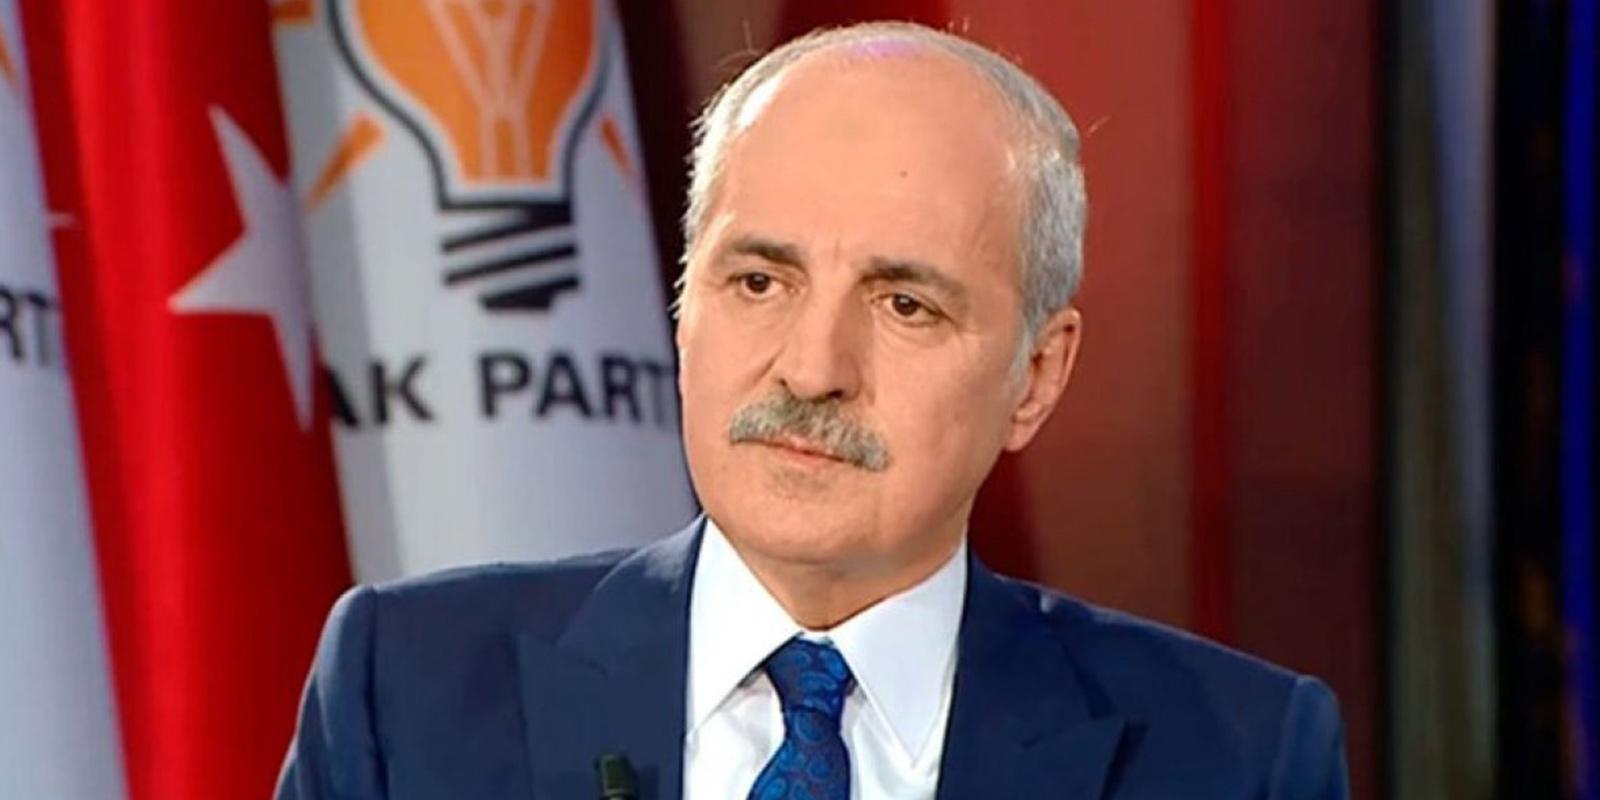 Haziran ayına kadar hedeflenen ne? AK Parti Genel Başkanvekili Numan Kurtulmuş'tan flaş açıklama